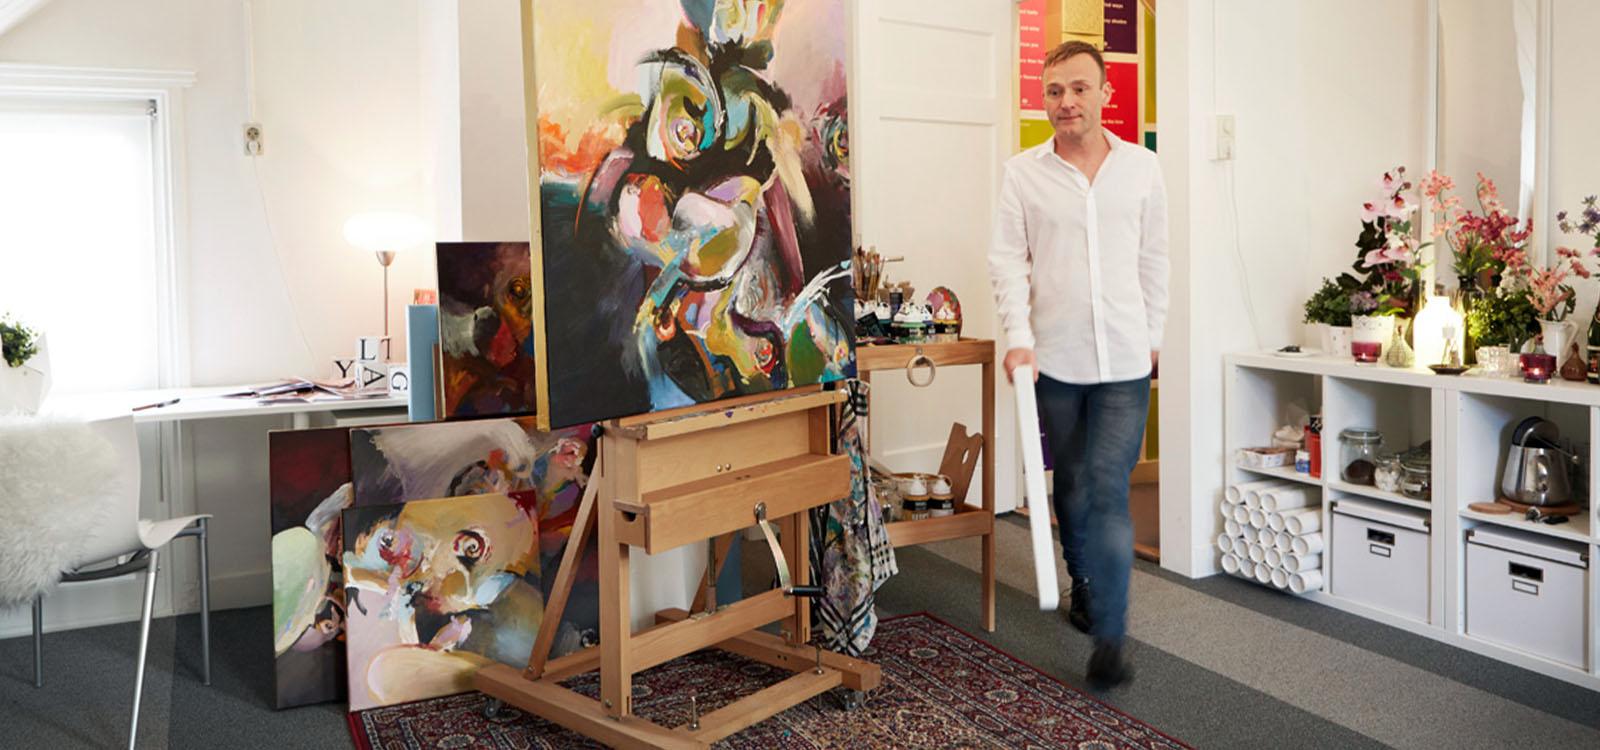 con van ham in zijn atelier aan de hoogstraat in eindhoven foto nicole minneboo